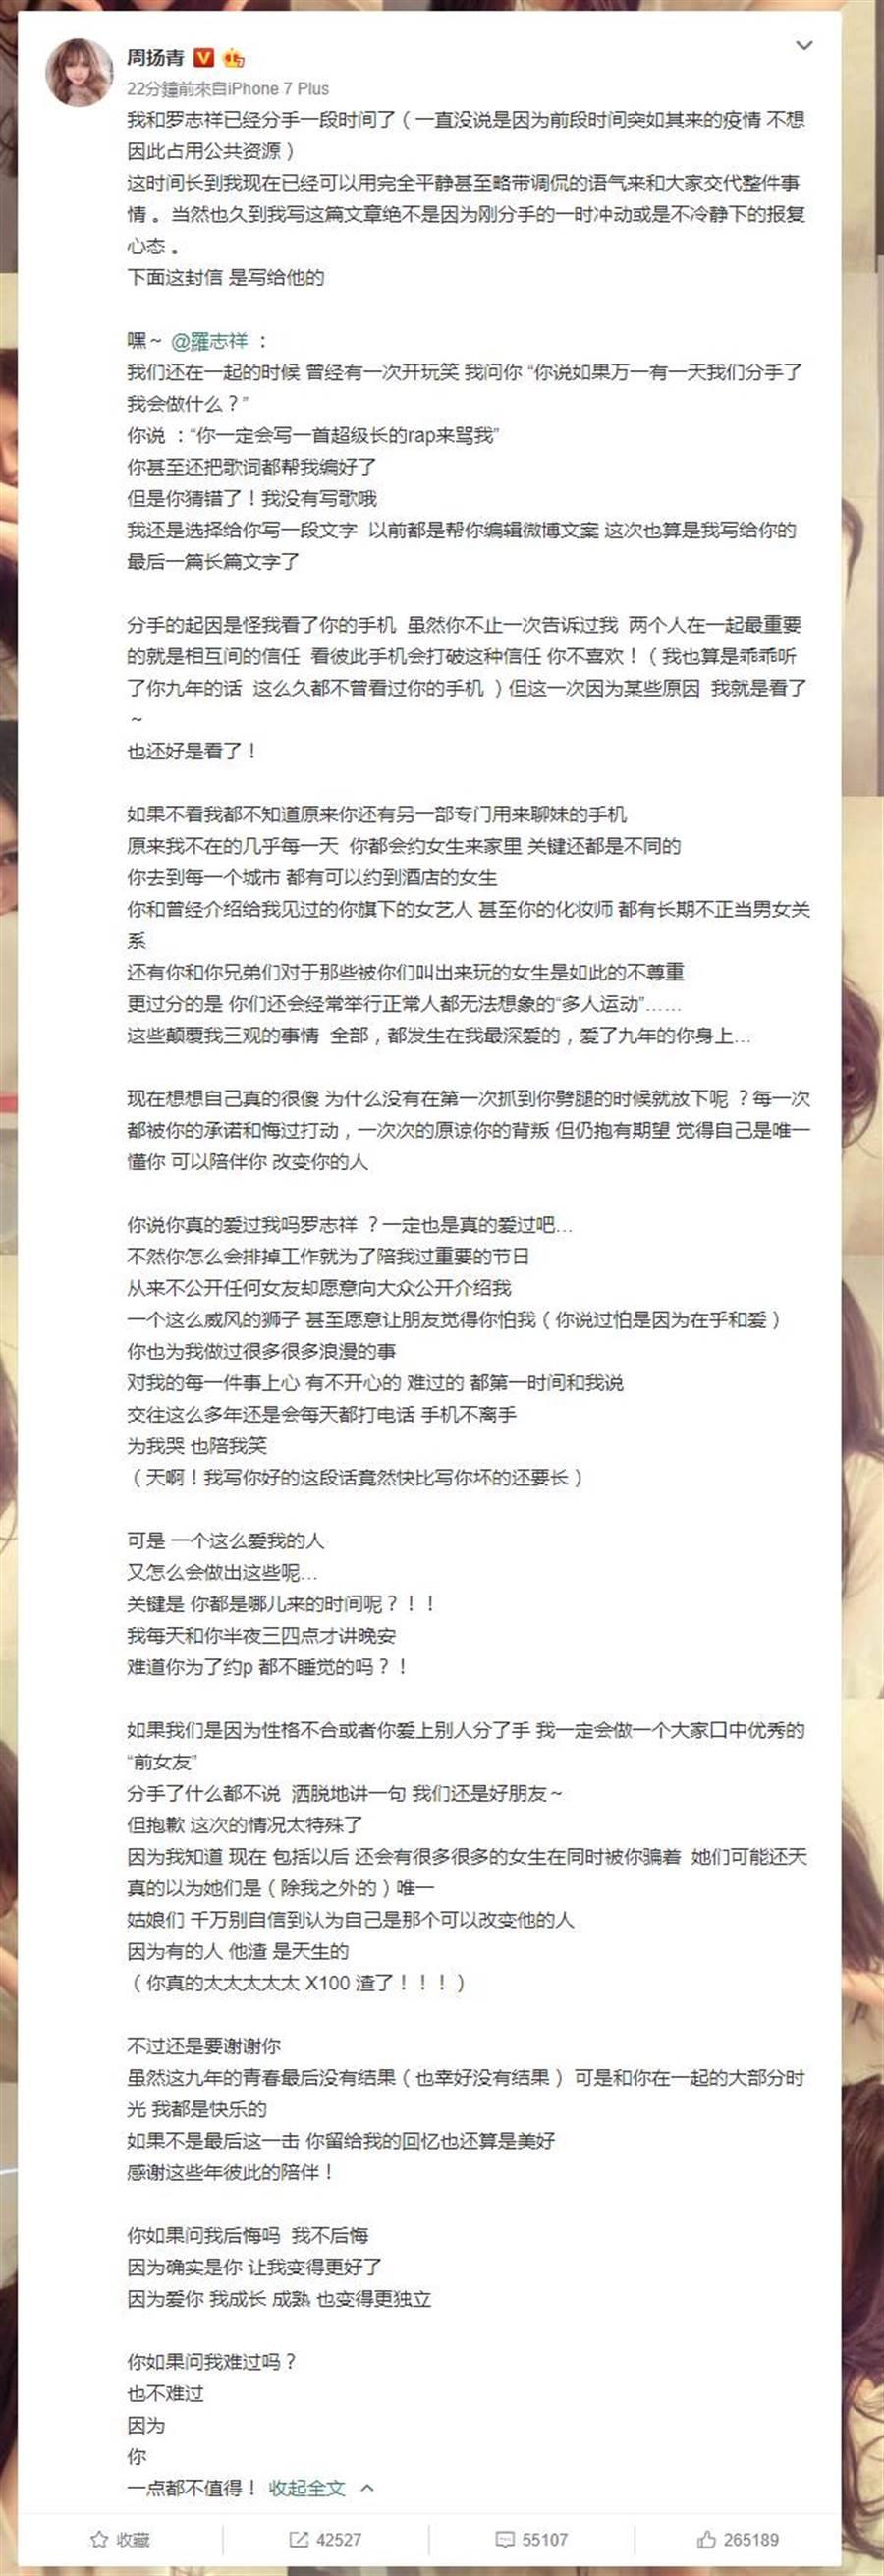 周揚青微博全文。(圖/翻攝自微博)